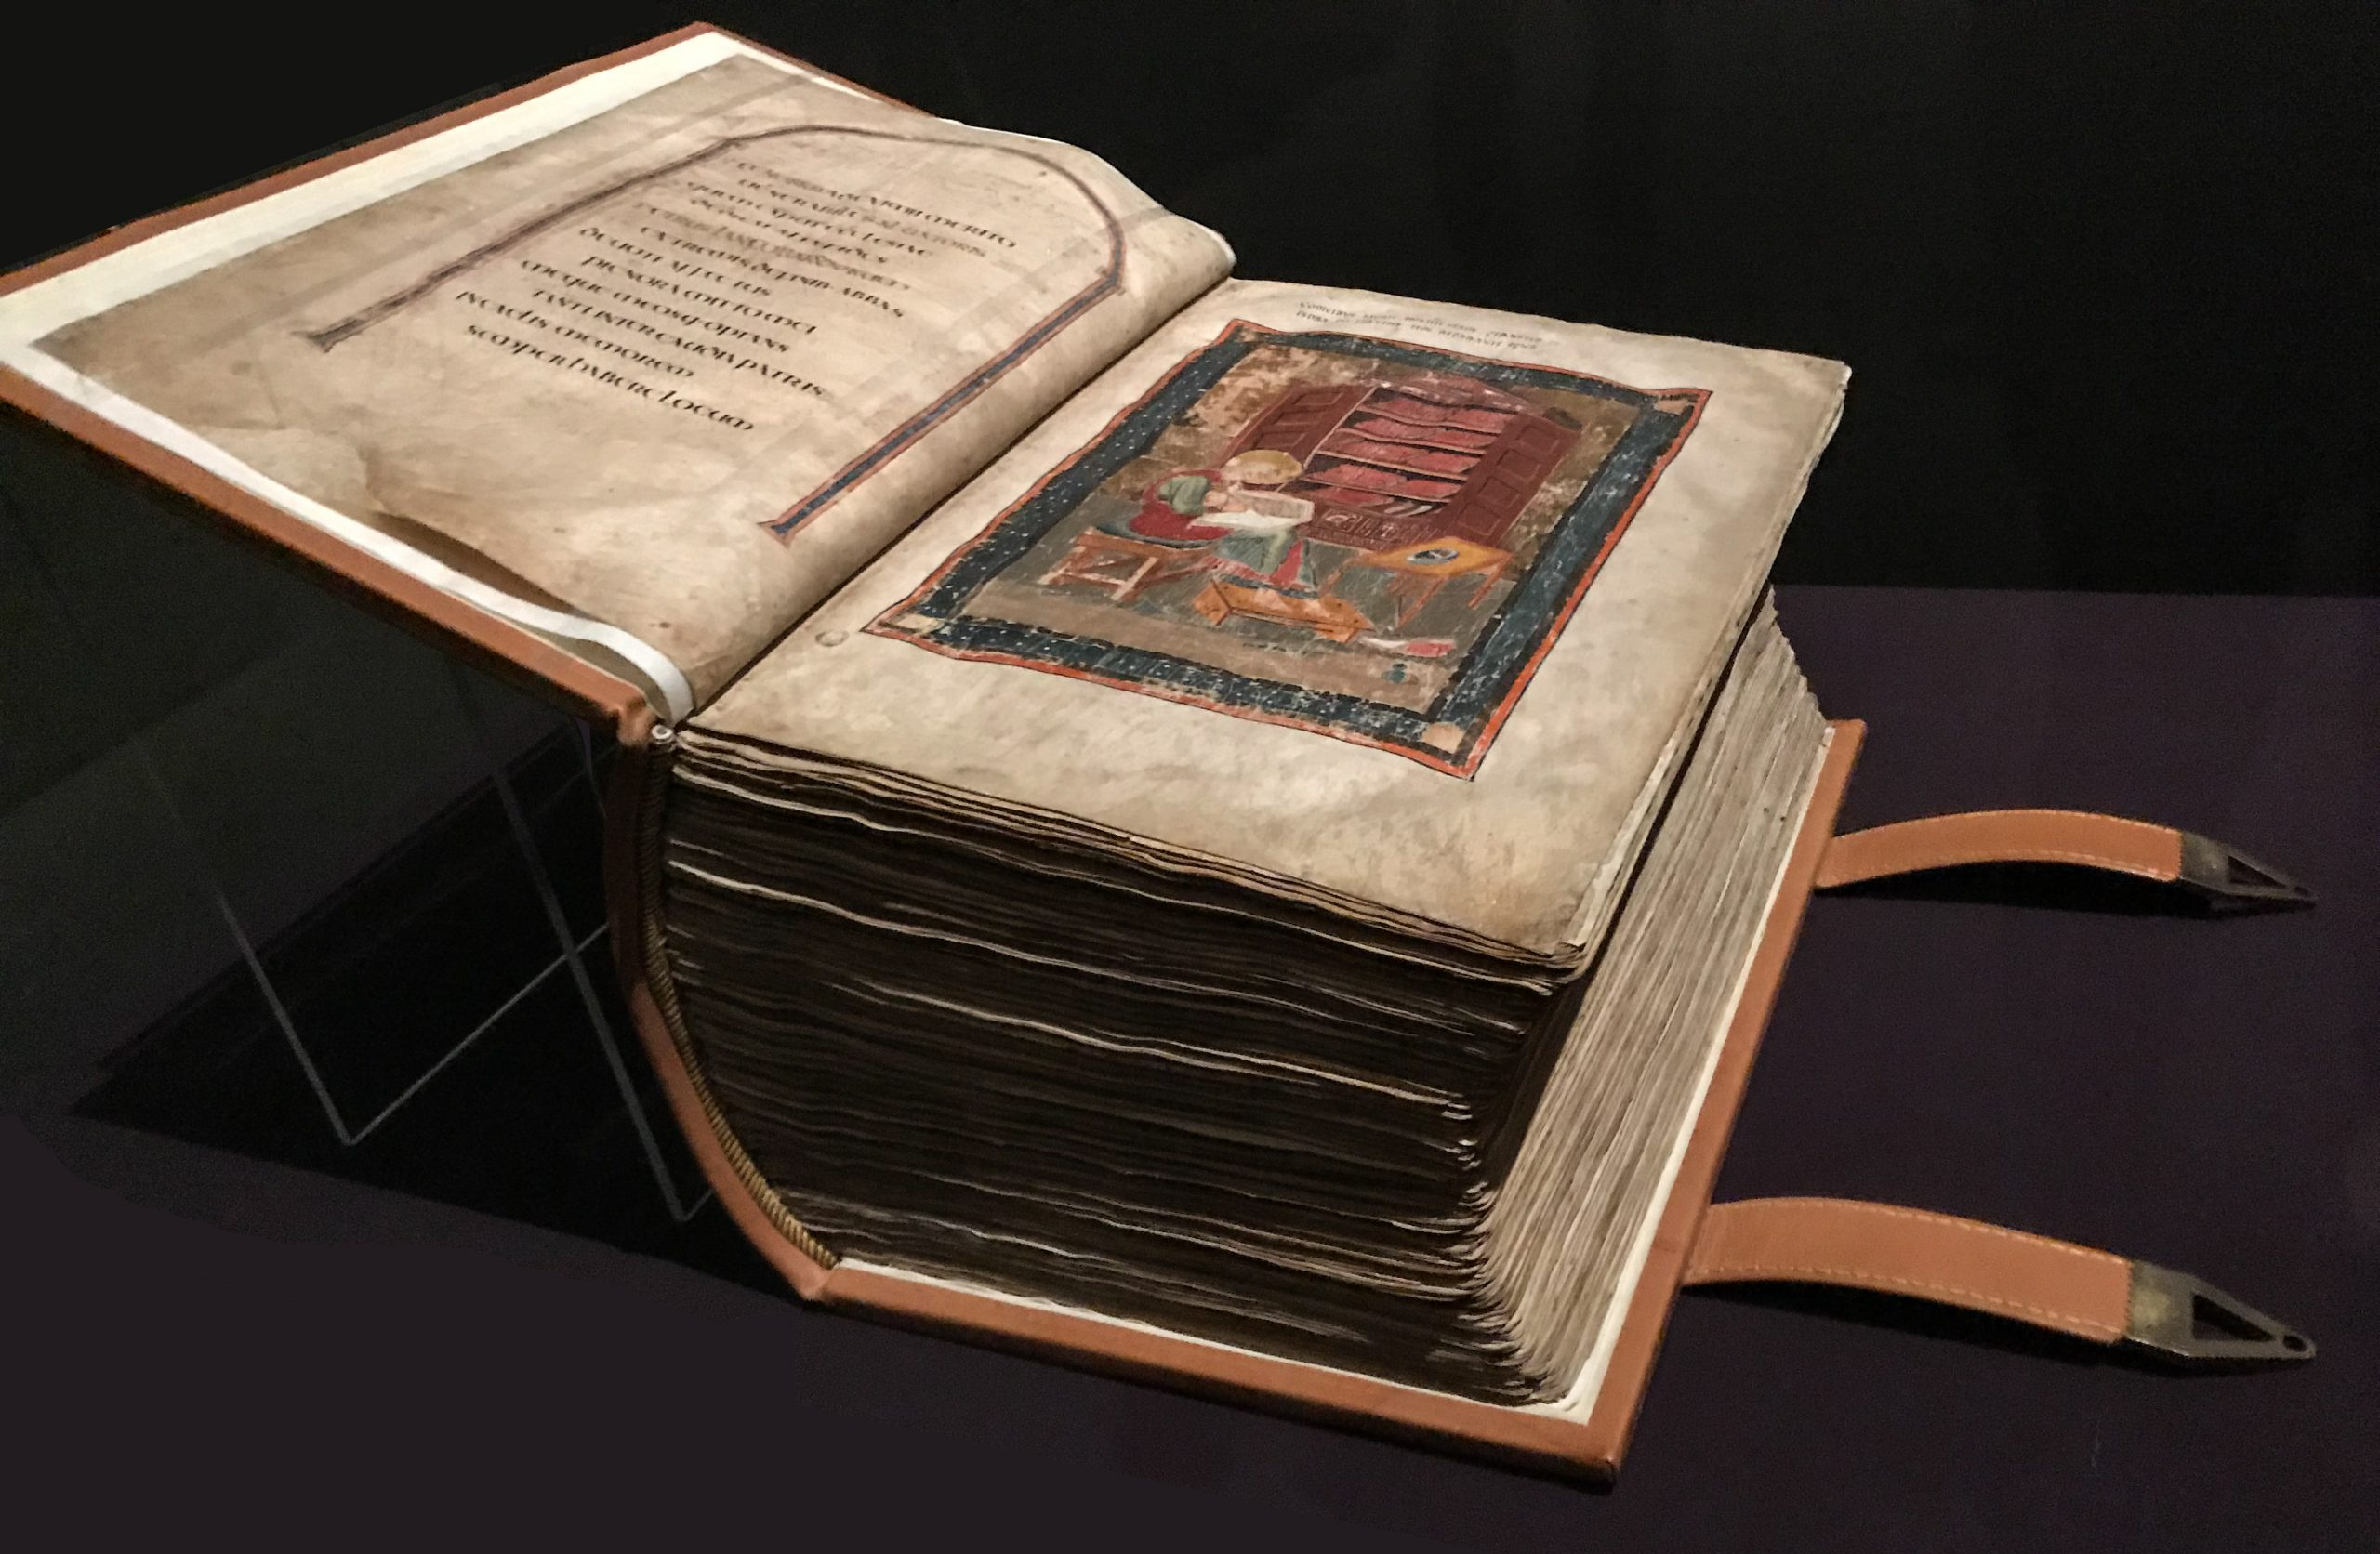 Codex Amiatinus